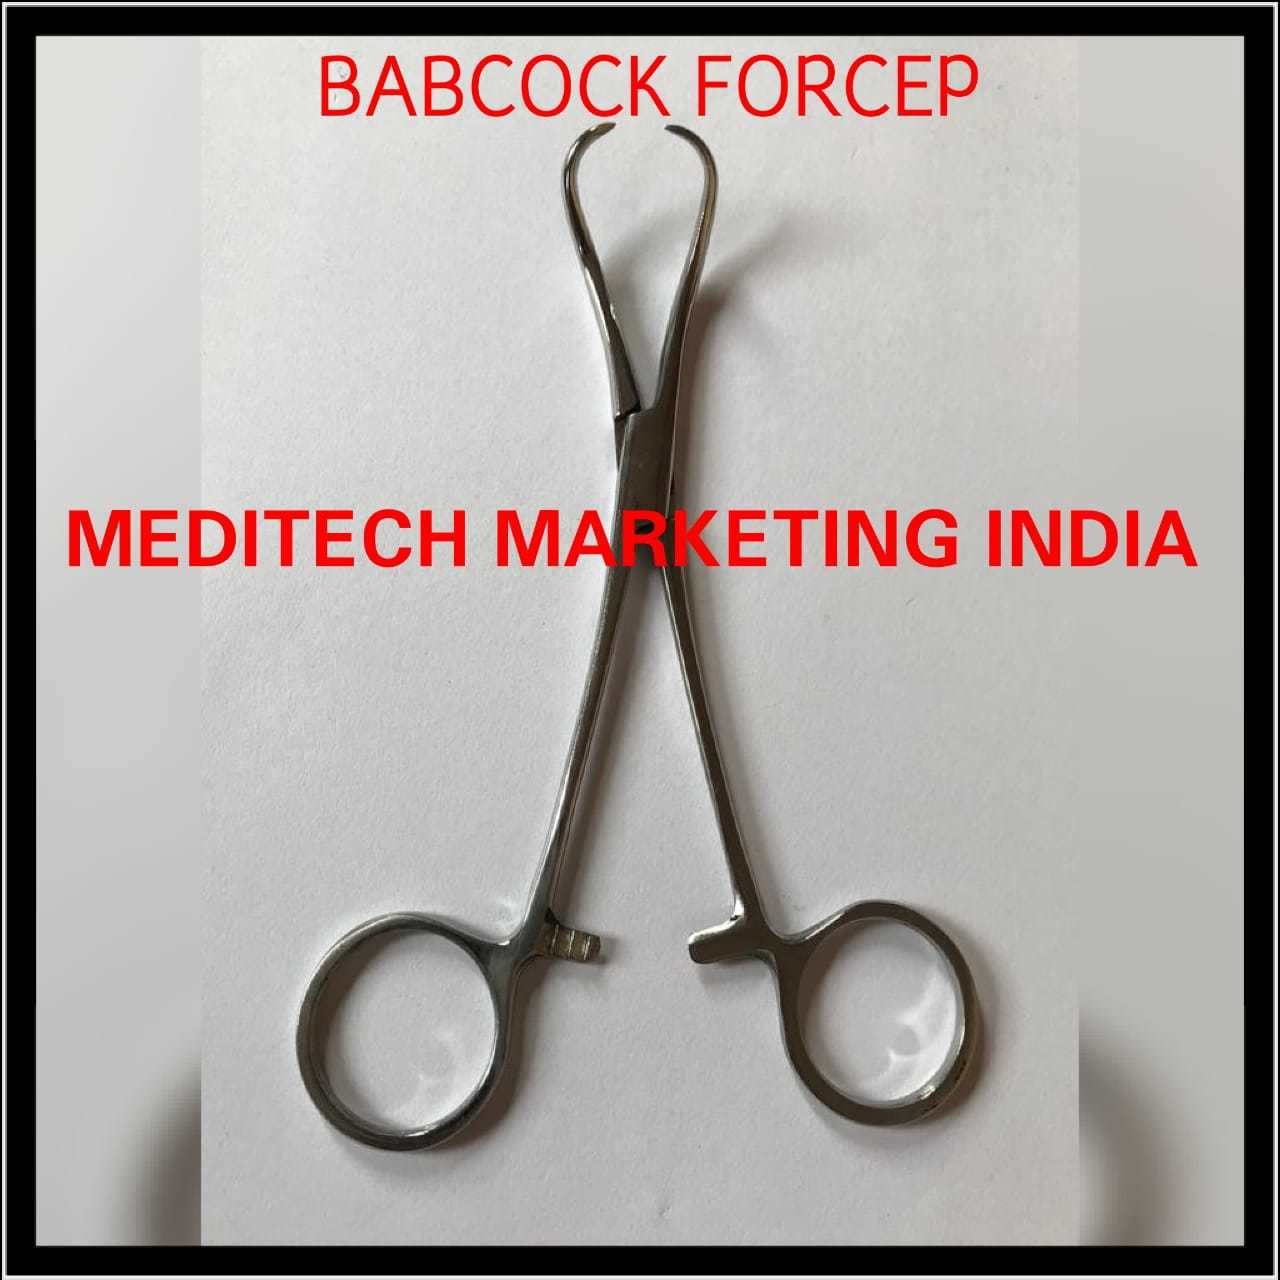 BABCOCK FORCEPS